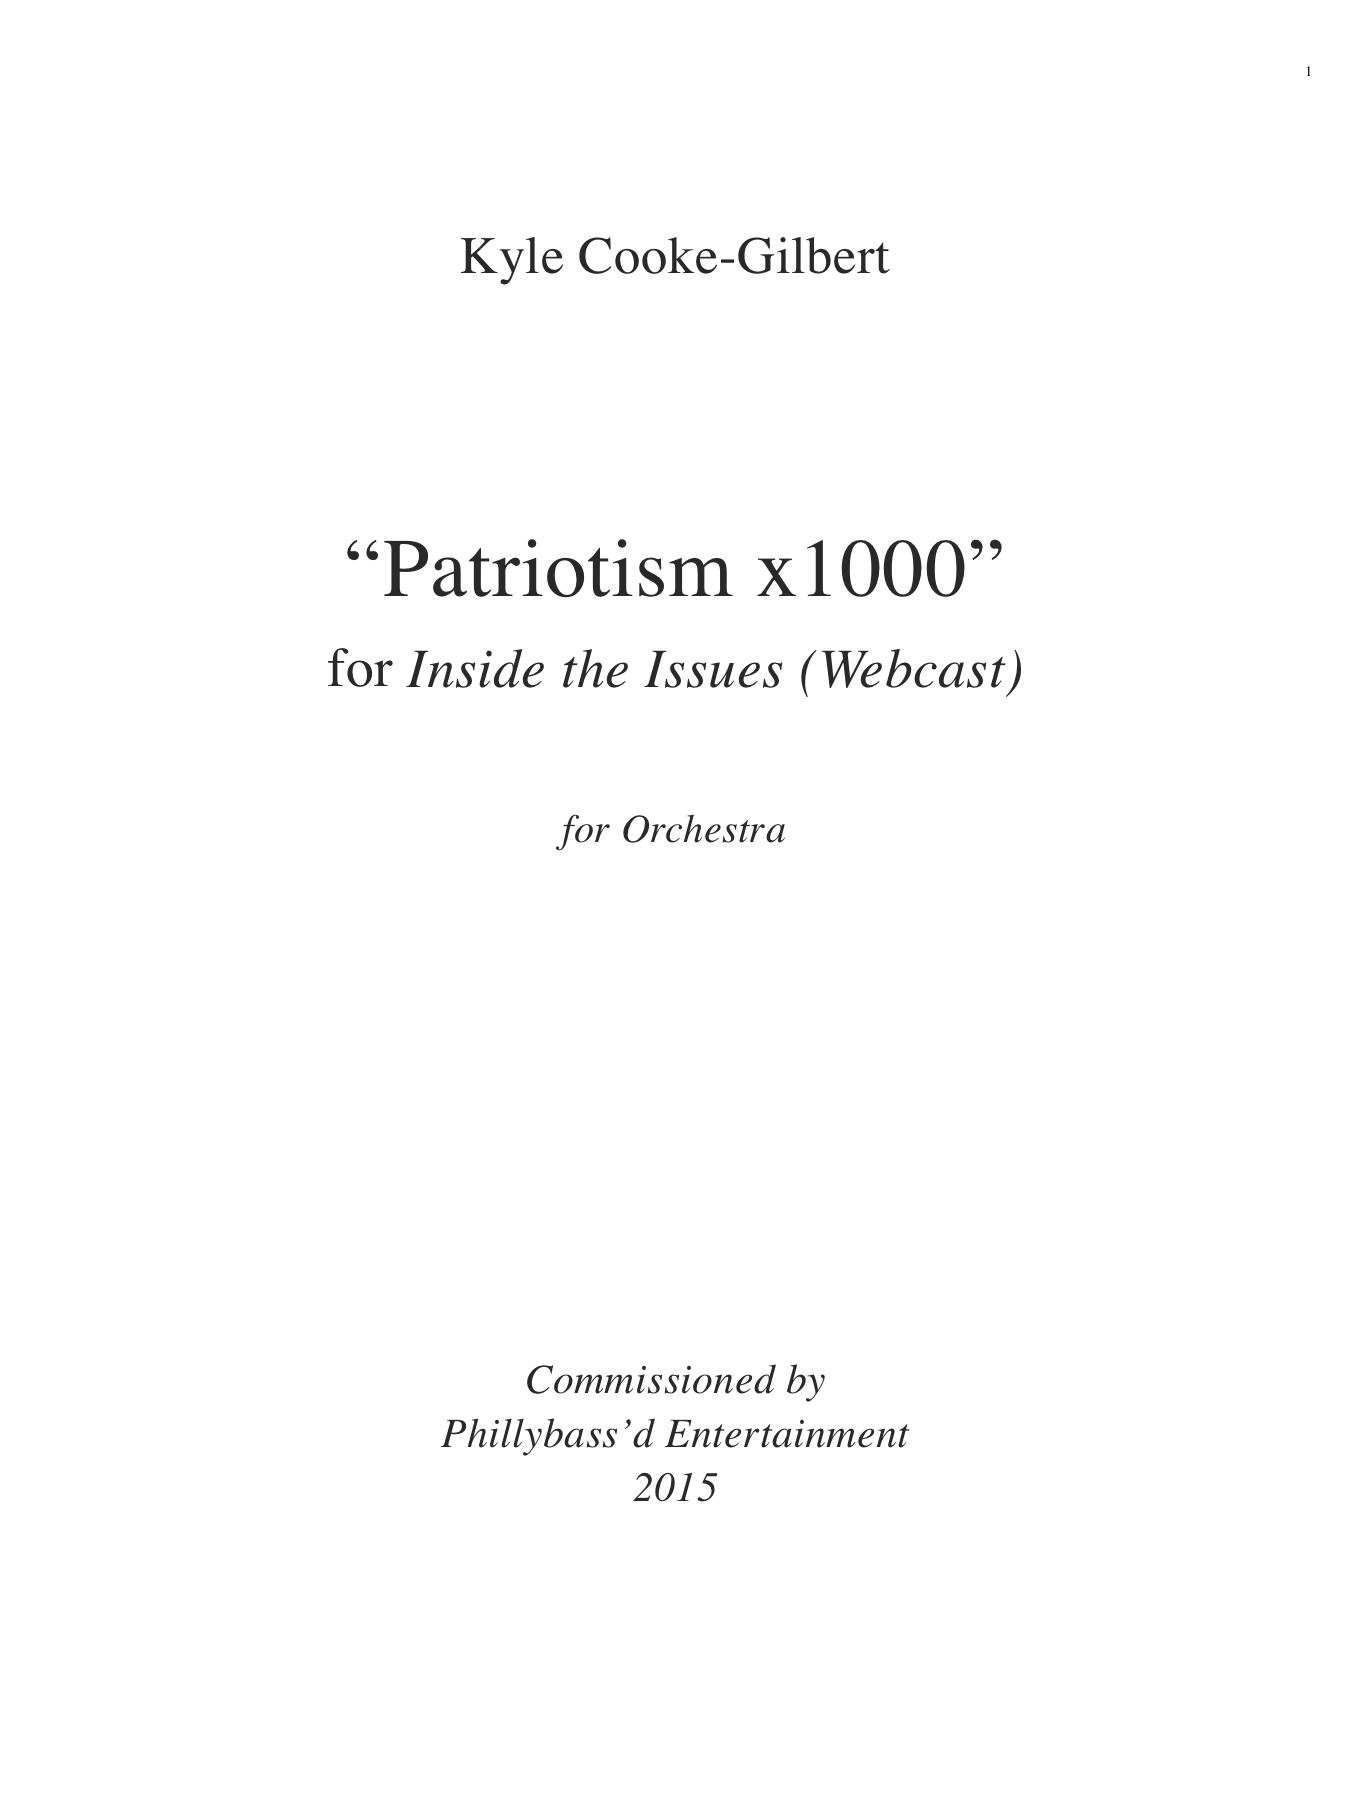 Patriotism x1000.png